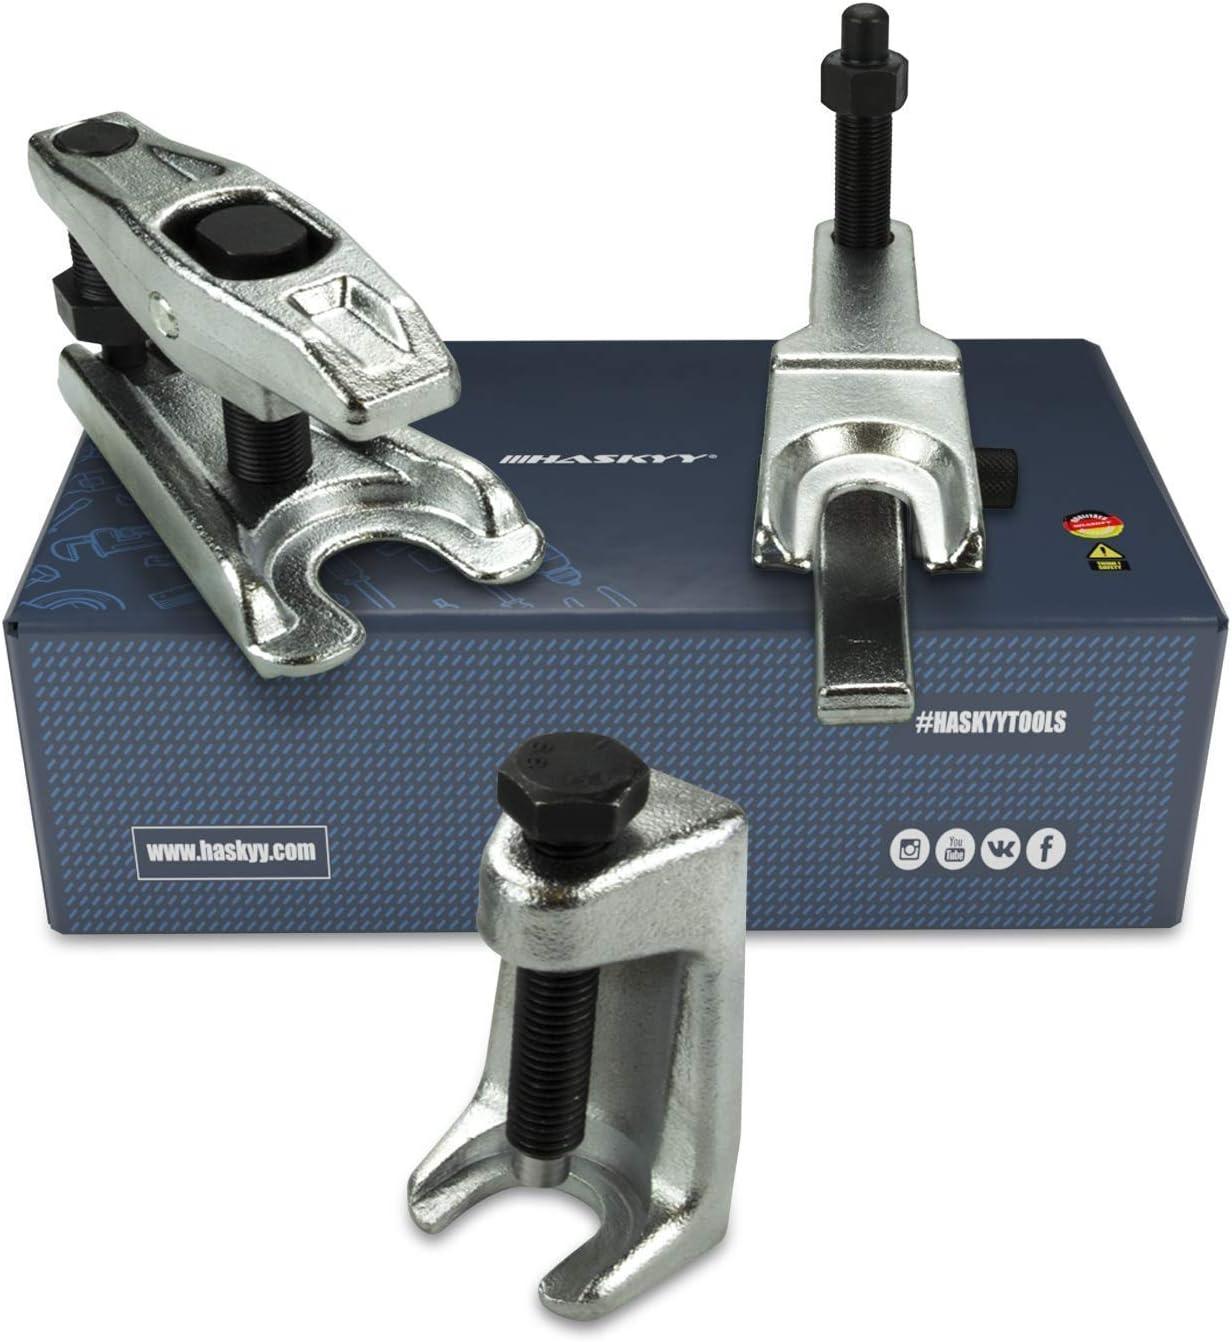 3 piezas. Juego de herramientas de desmontaje universal I Desmontaje de rótulas I Herramientas para automóviles Sepeartor | Herramientas de taller